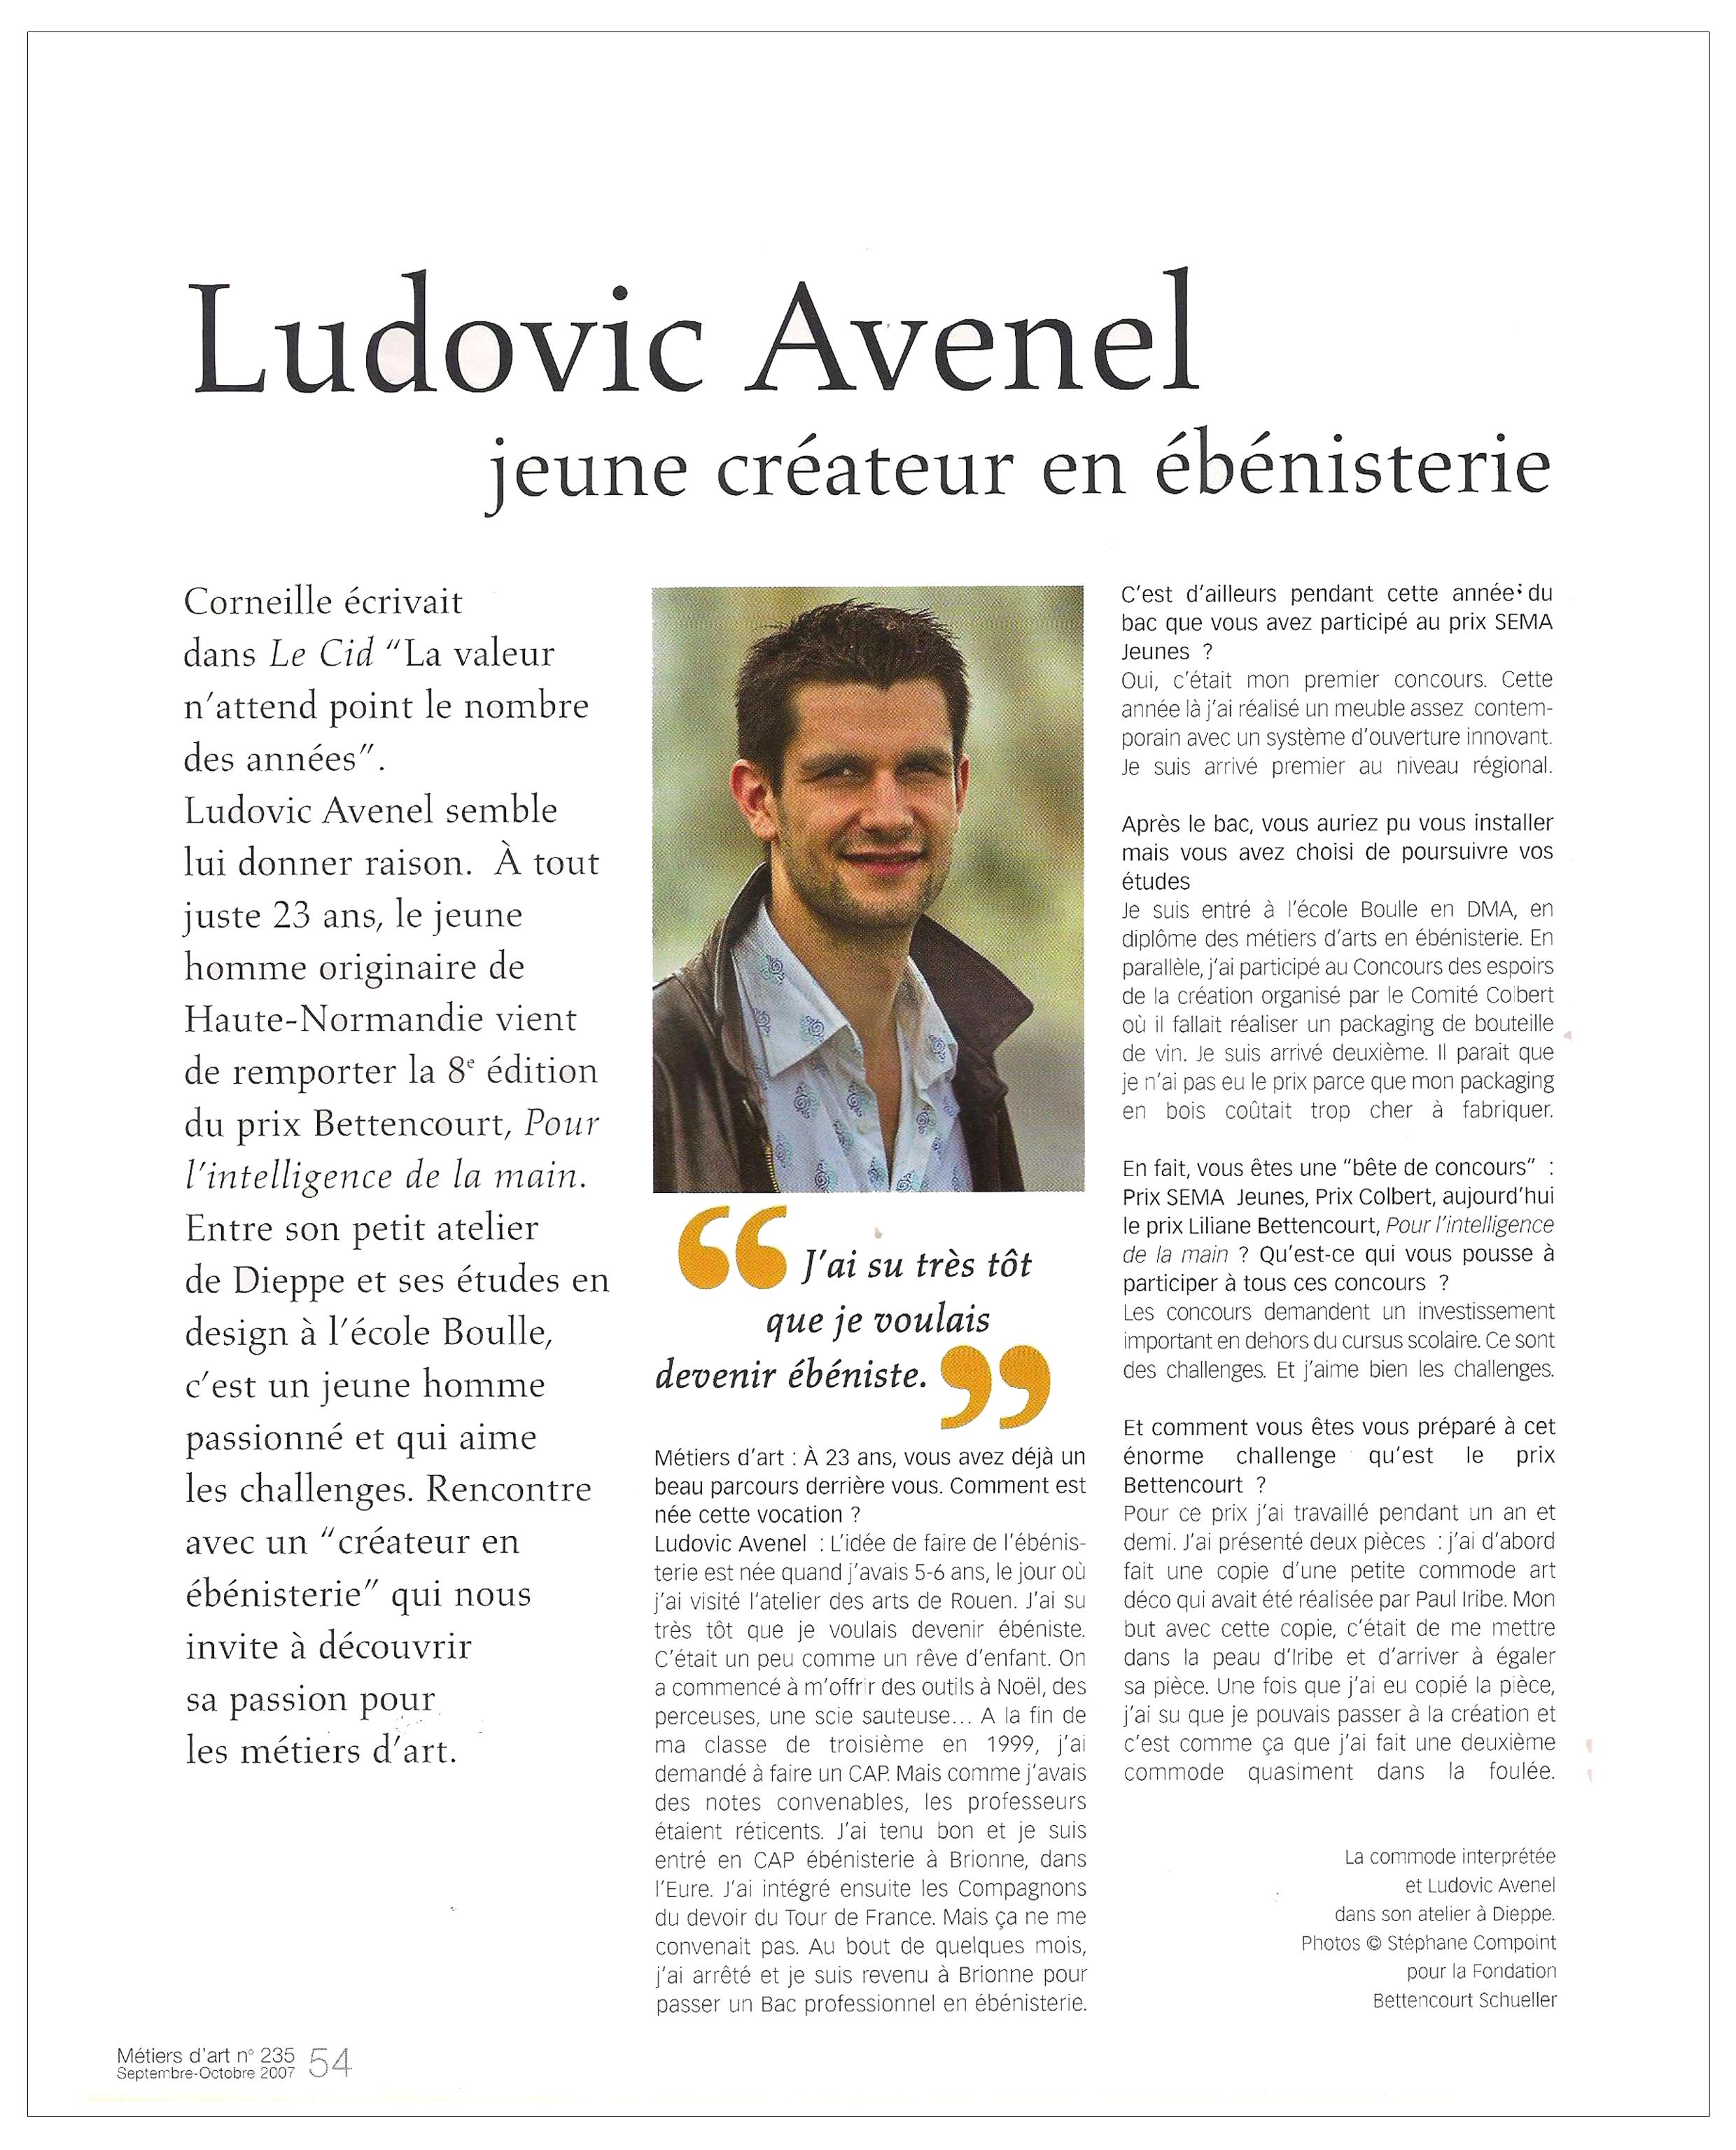 Ludovic AVENEL : ébéniste créateur Paris - Ludovic_Avenel_press_métiers d'art_ebeniste_créateur_design_sur mesure_2